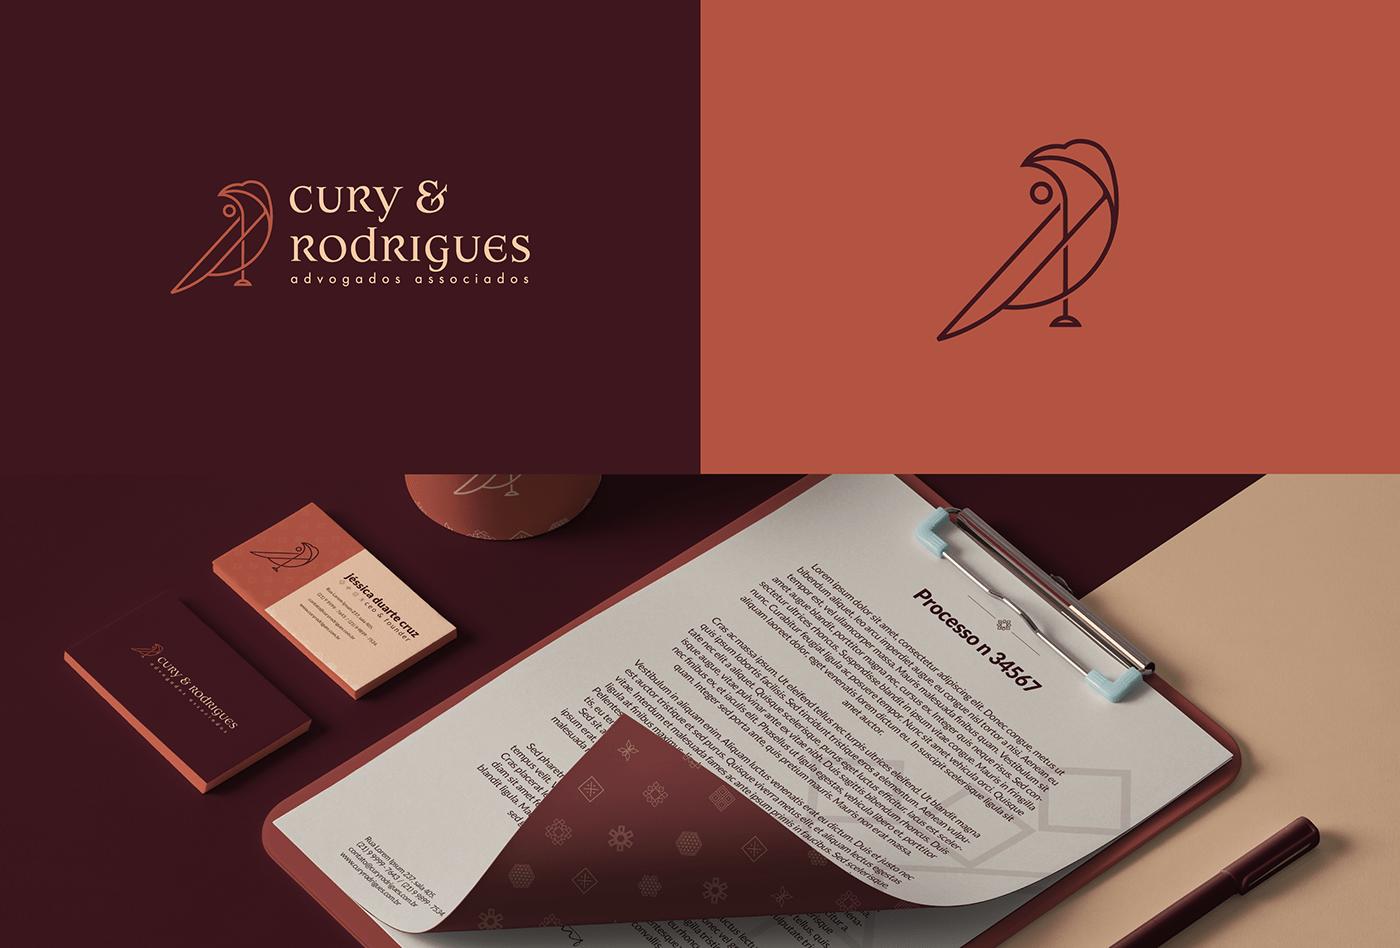 A imagem contém a logo da Cury & Rodrigues, o símbolo e uma papelaria.